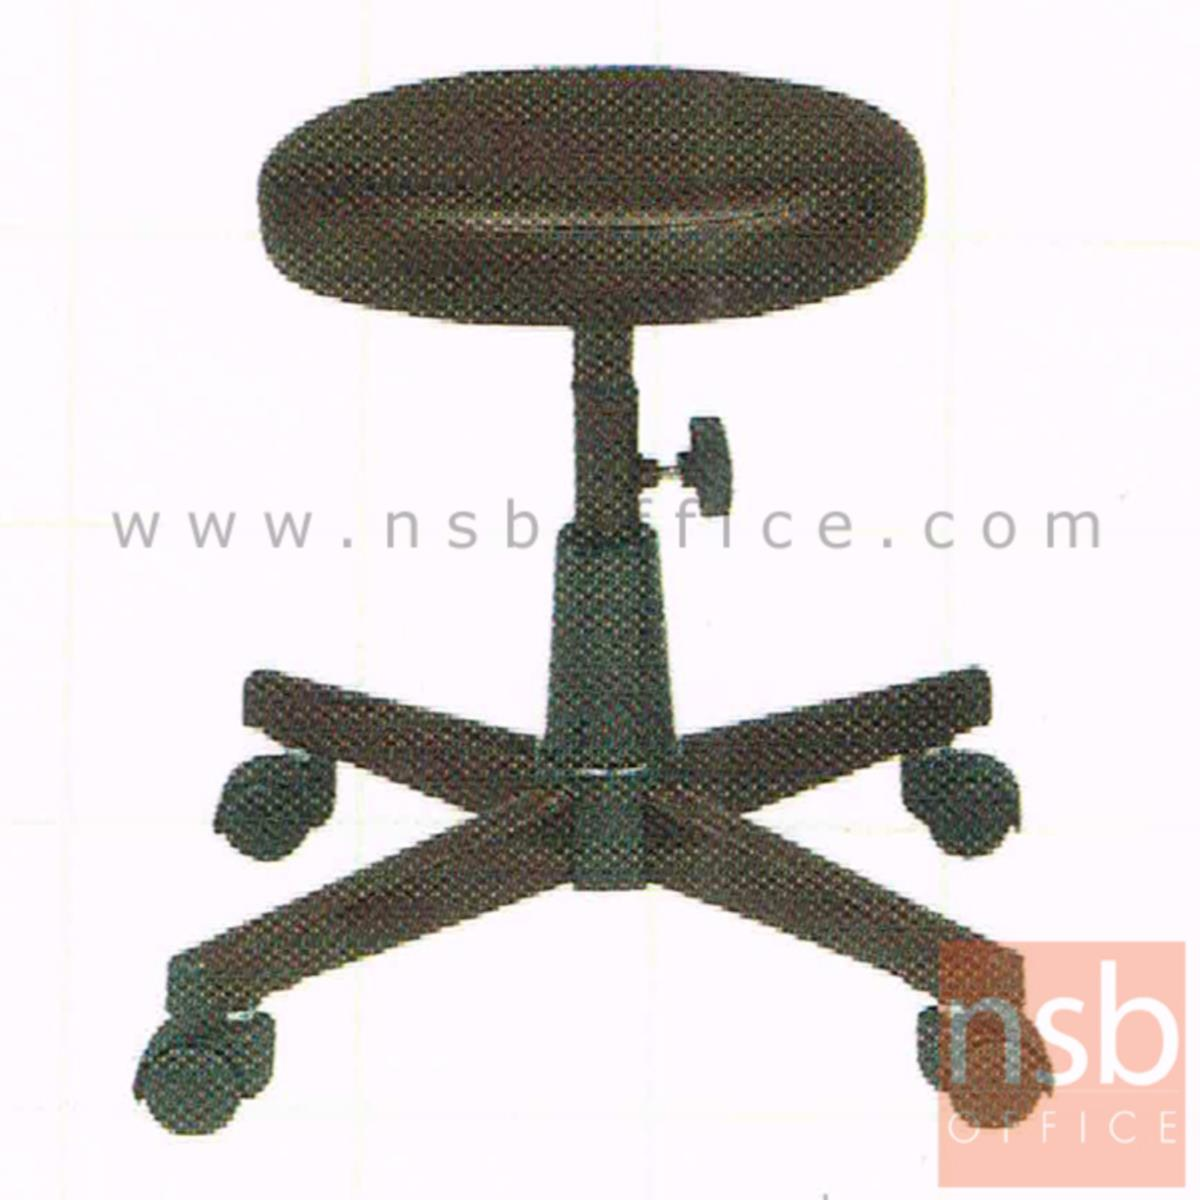 B02A081:เก้าอี้บาร์สตูลที่นั่งกลมล้อเลื่อน รุ่น Carter (คาเตอร์) ขาเหล็กใหญ่